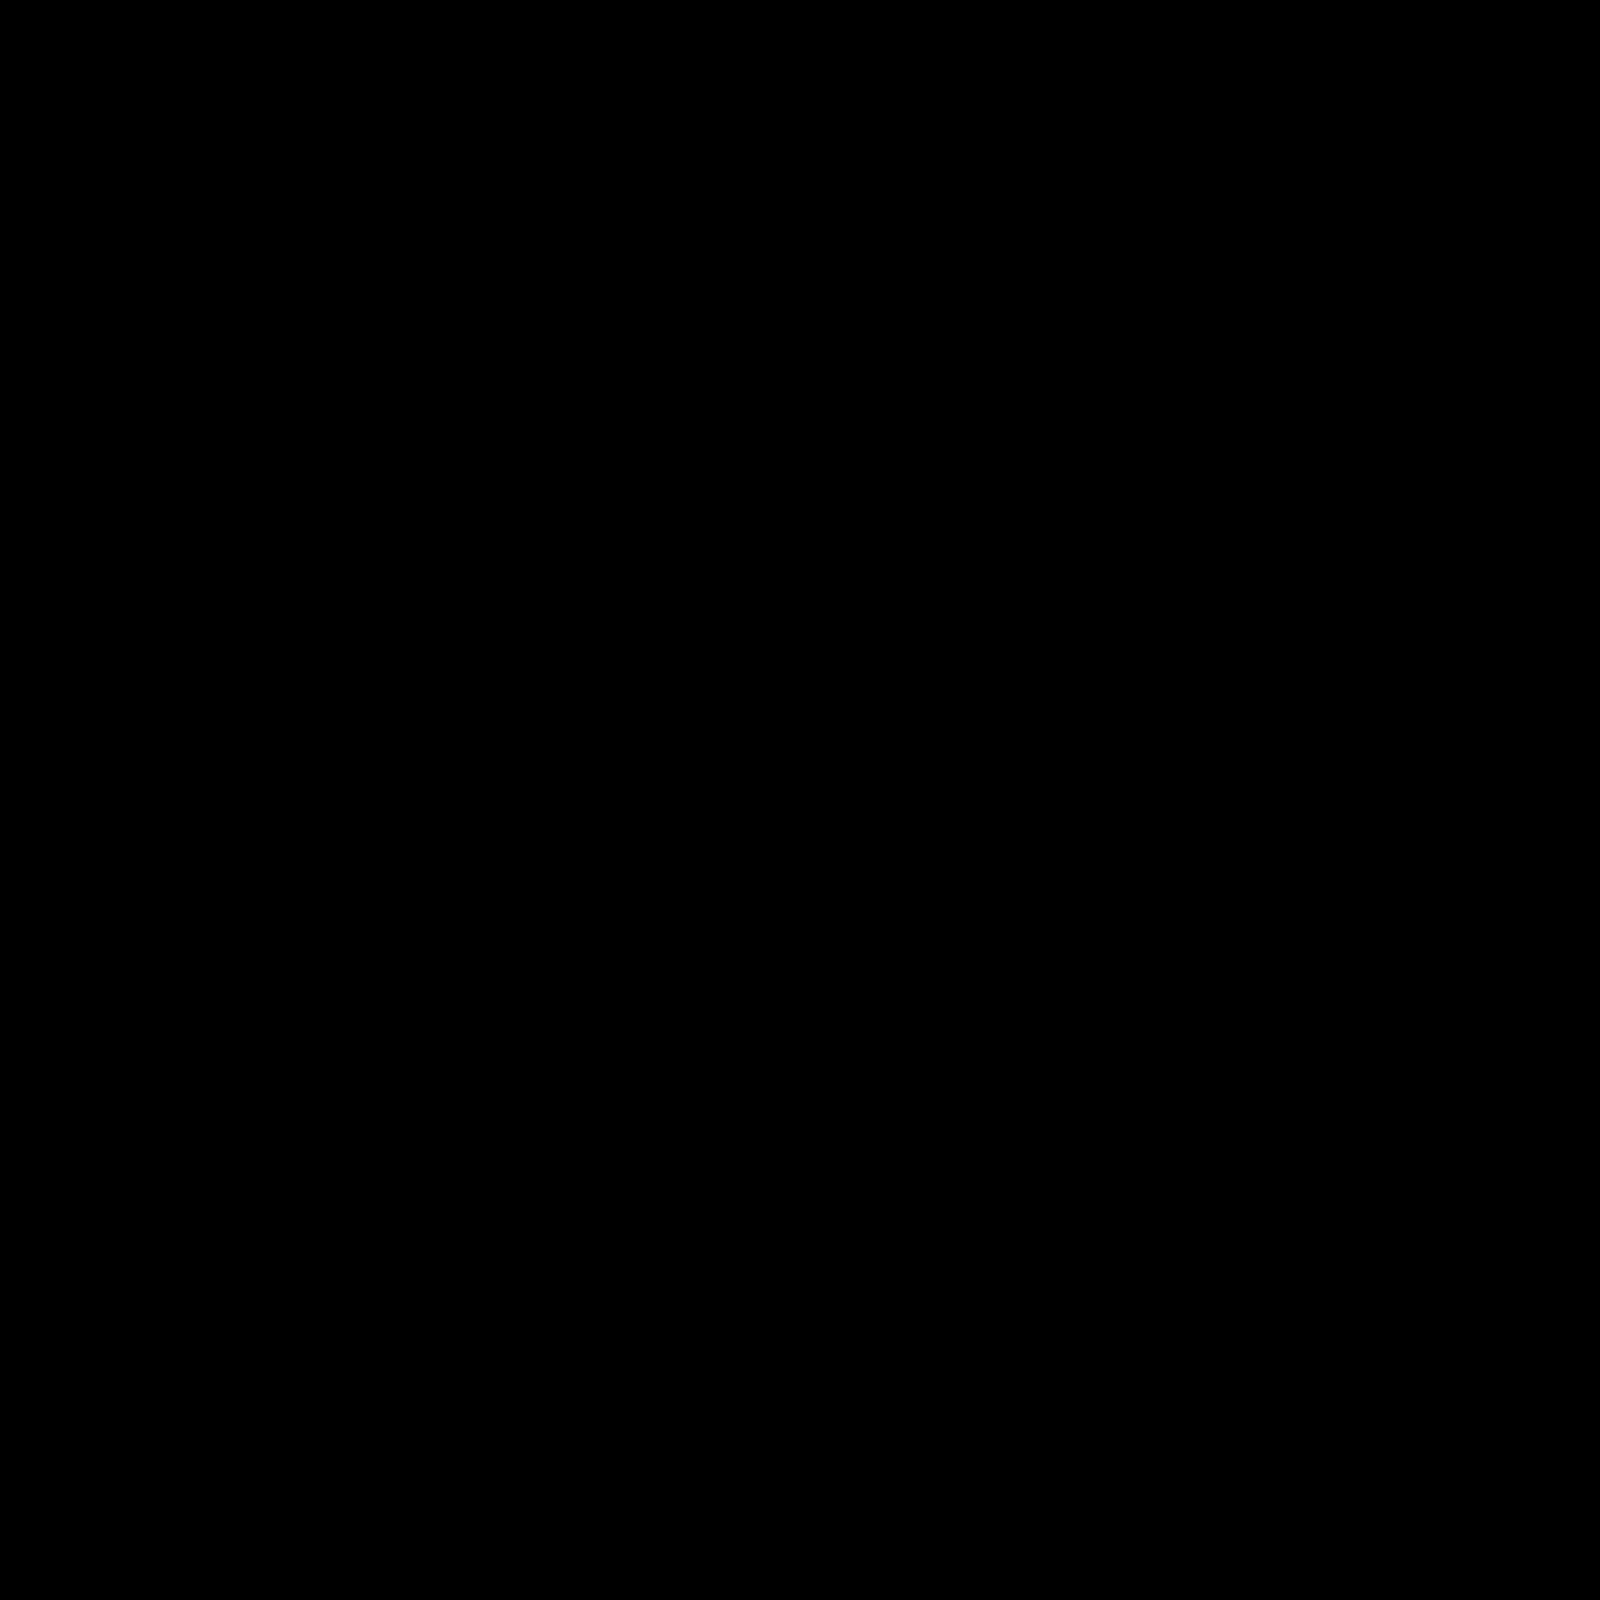 Bigote José Bové icon